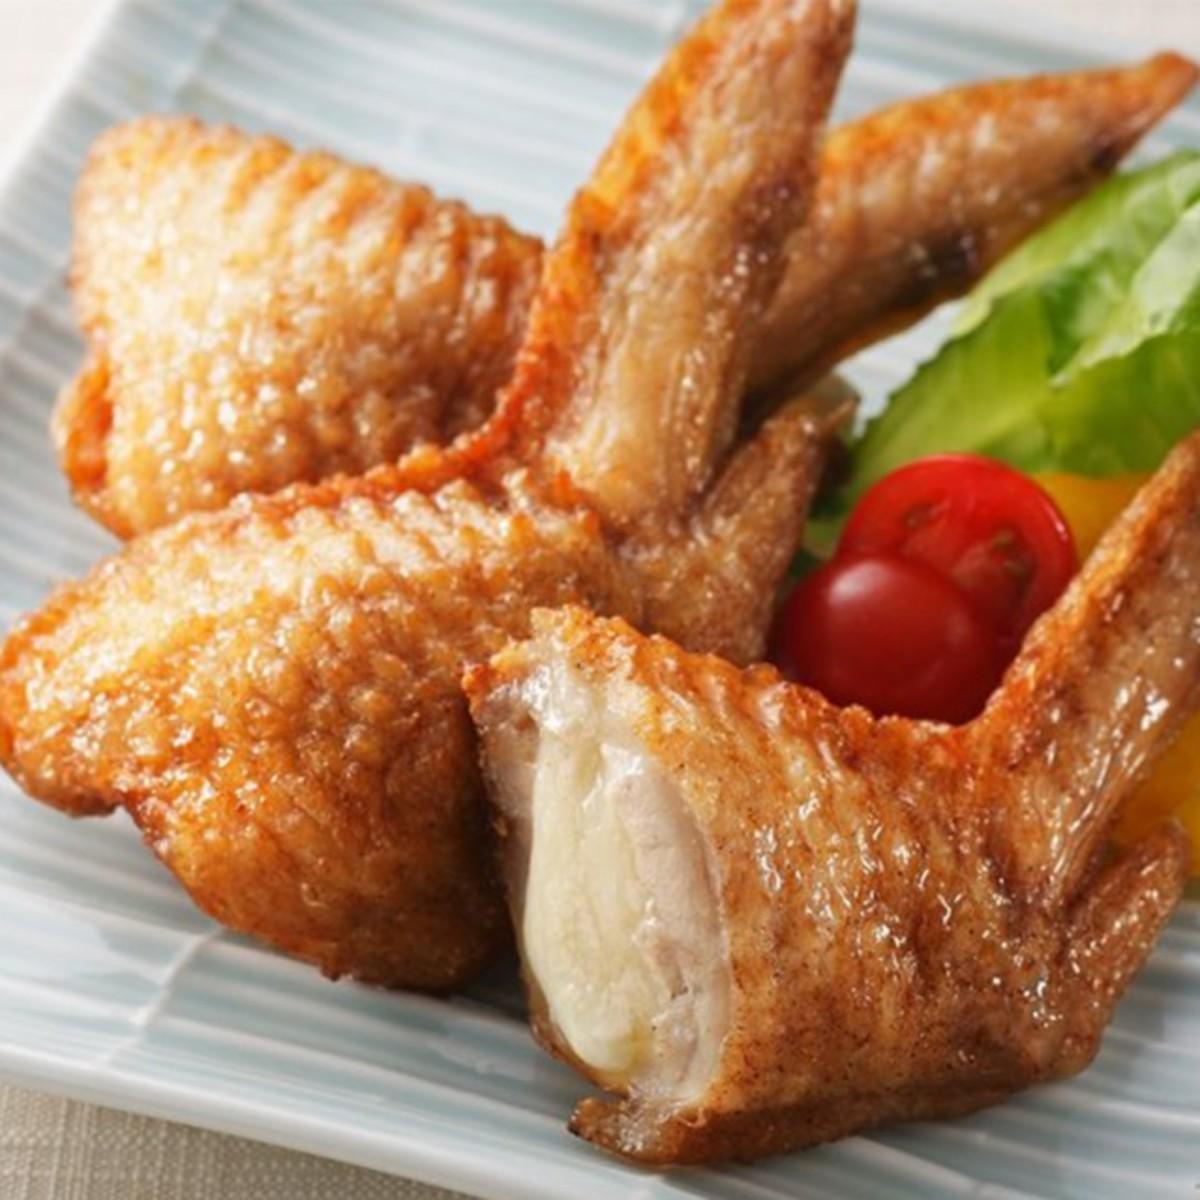 日式手羽雞翼(芝士豬肉)10隻